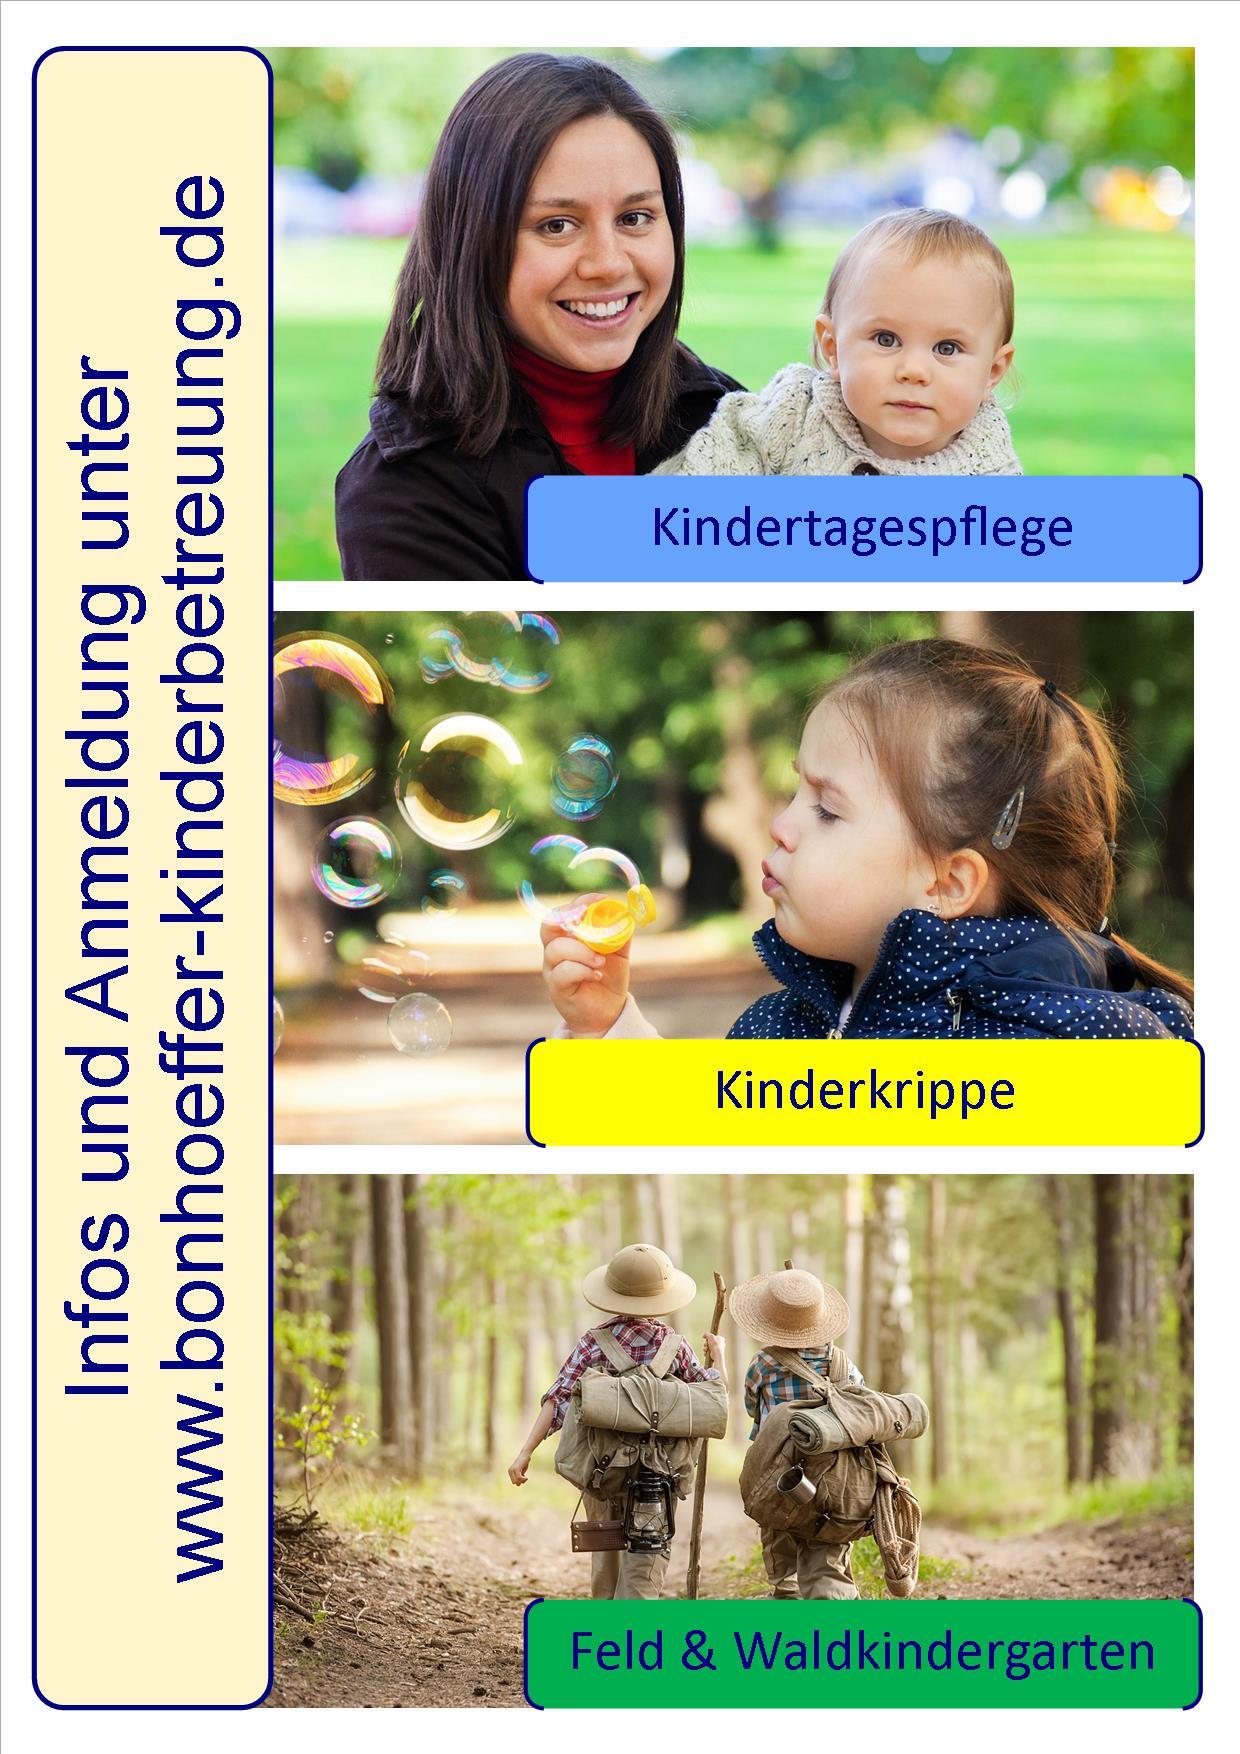 Wir-stellen-uns-vor-Bonhoeffer-Kinderbetreuung-Brühl2